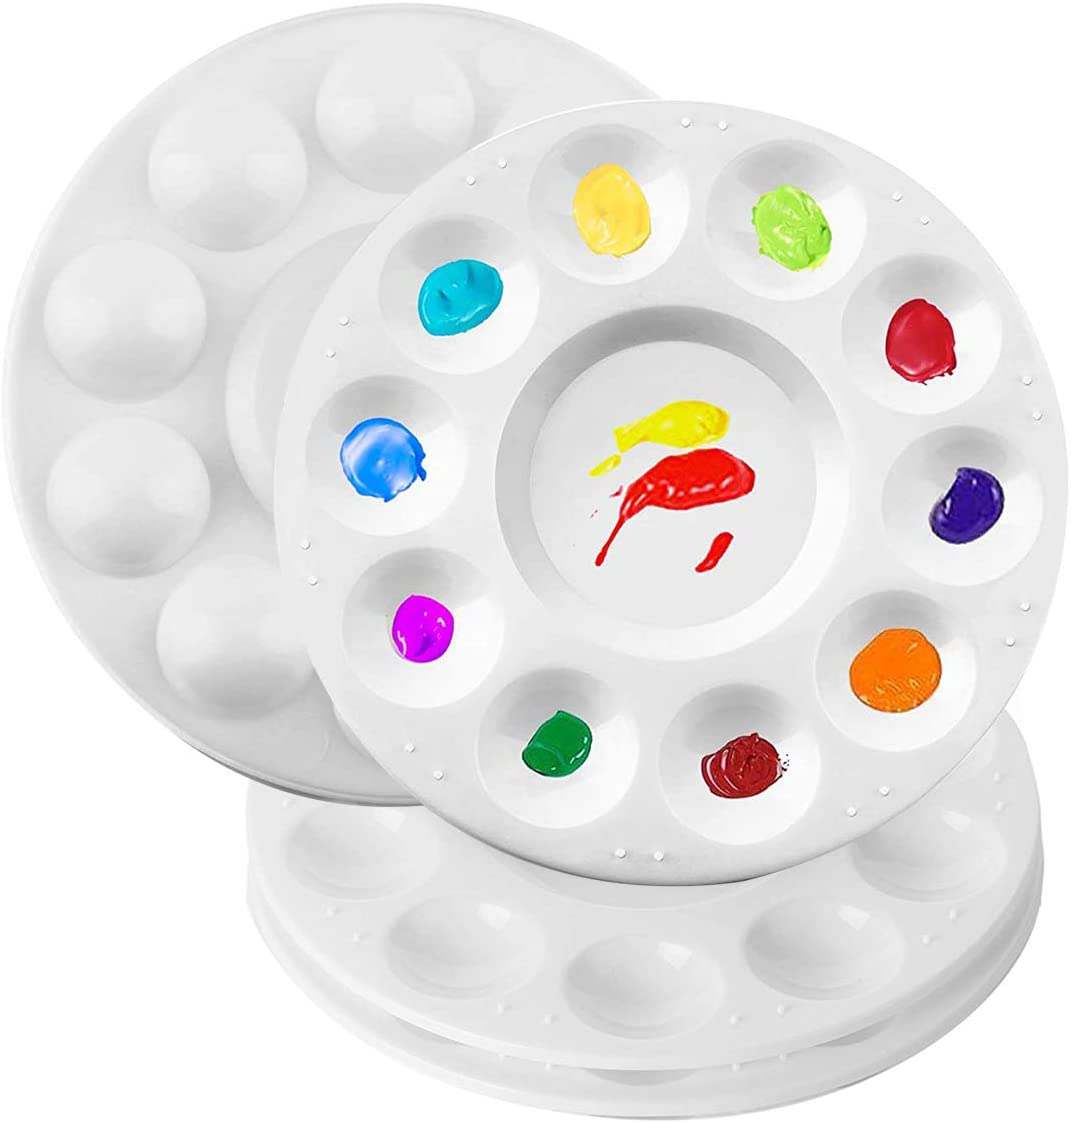 Paleta, 6.69 pulgadas redonda de plástico para niños y adultos, paleta de pintura para acuarela, gouache, pintura al óleo, pintura artística profesional (4 piezas)